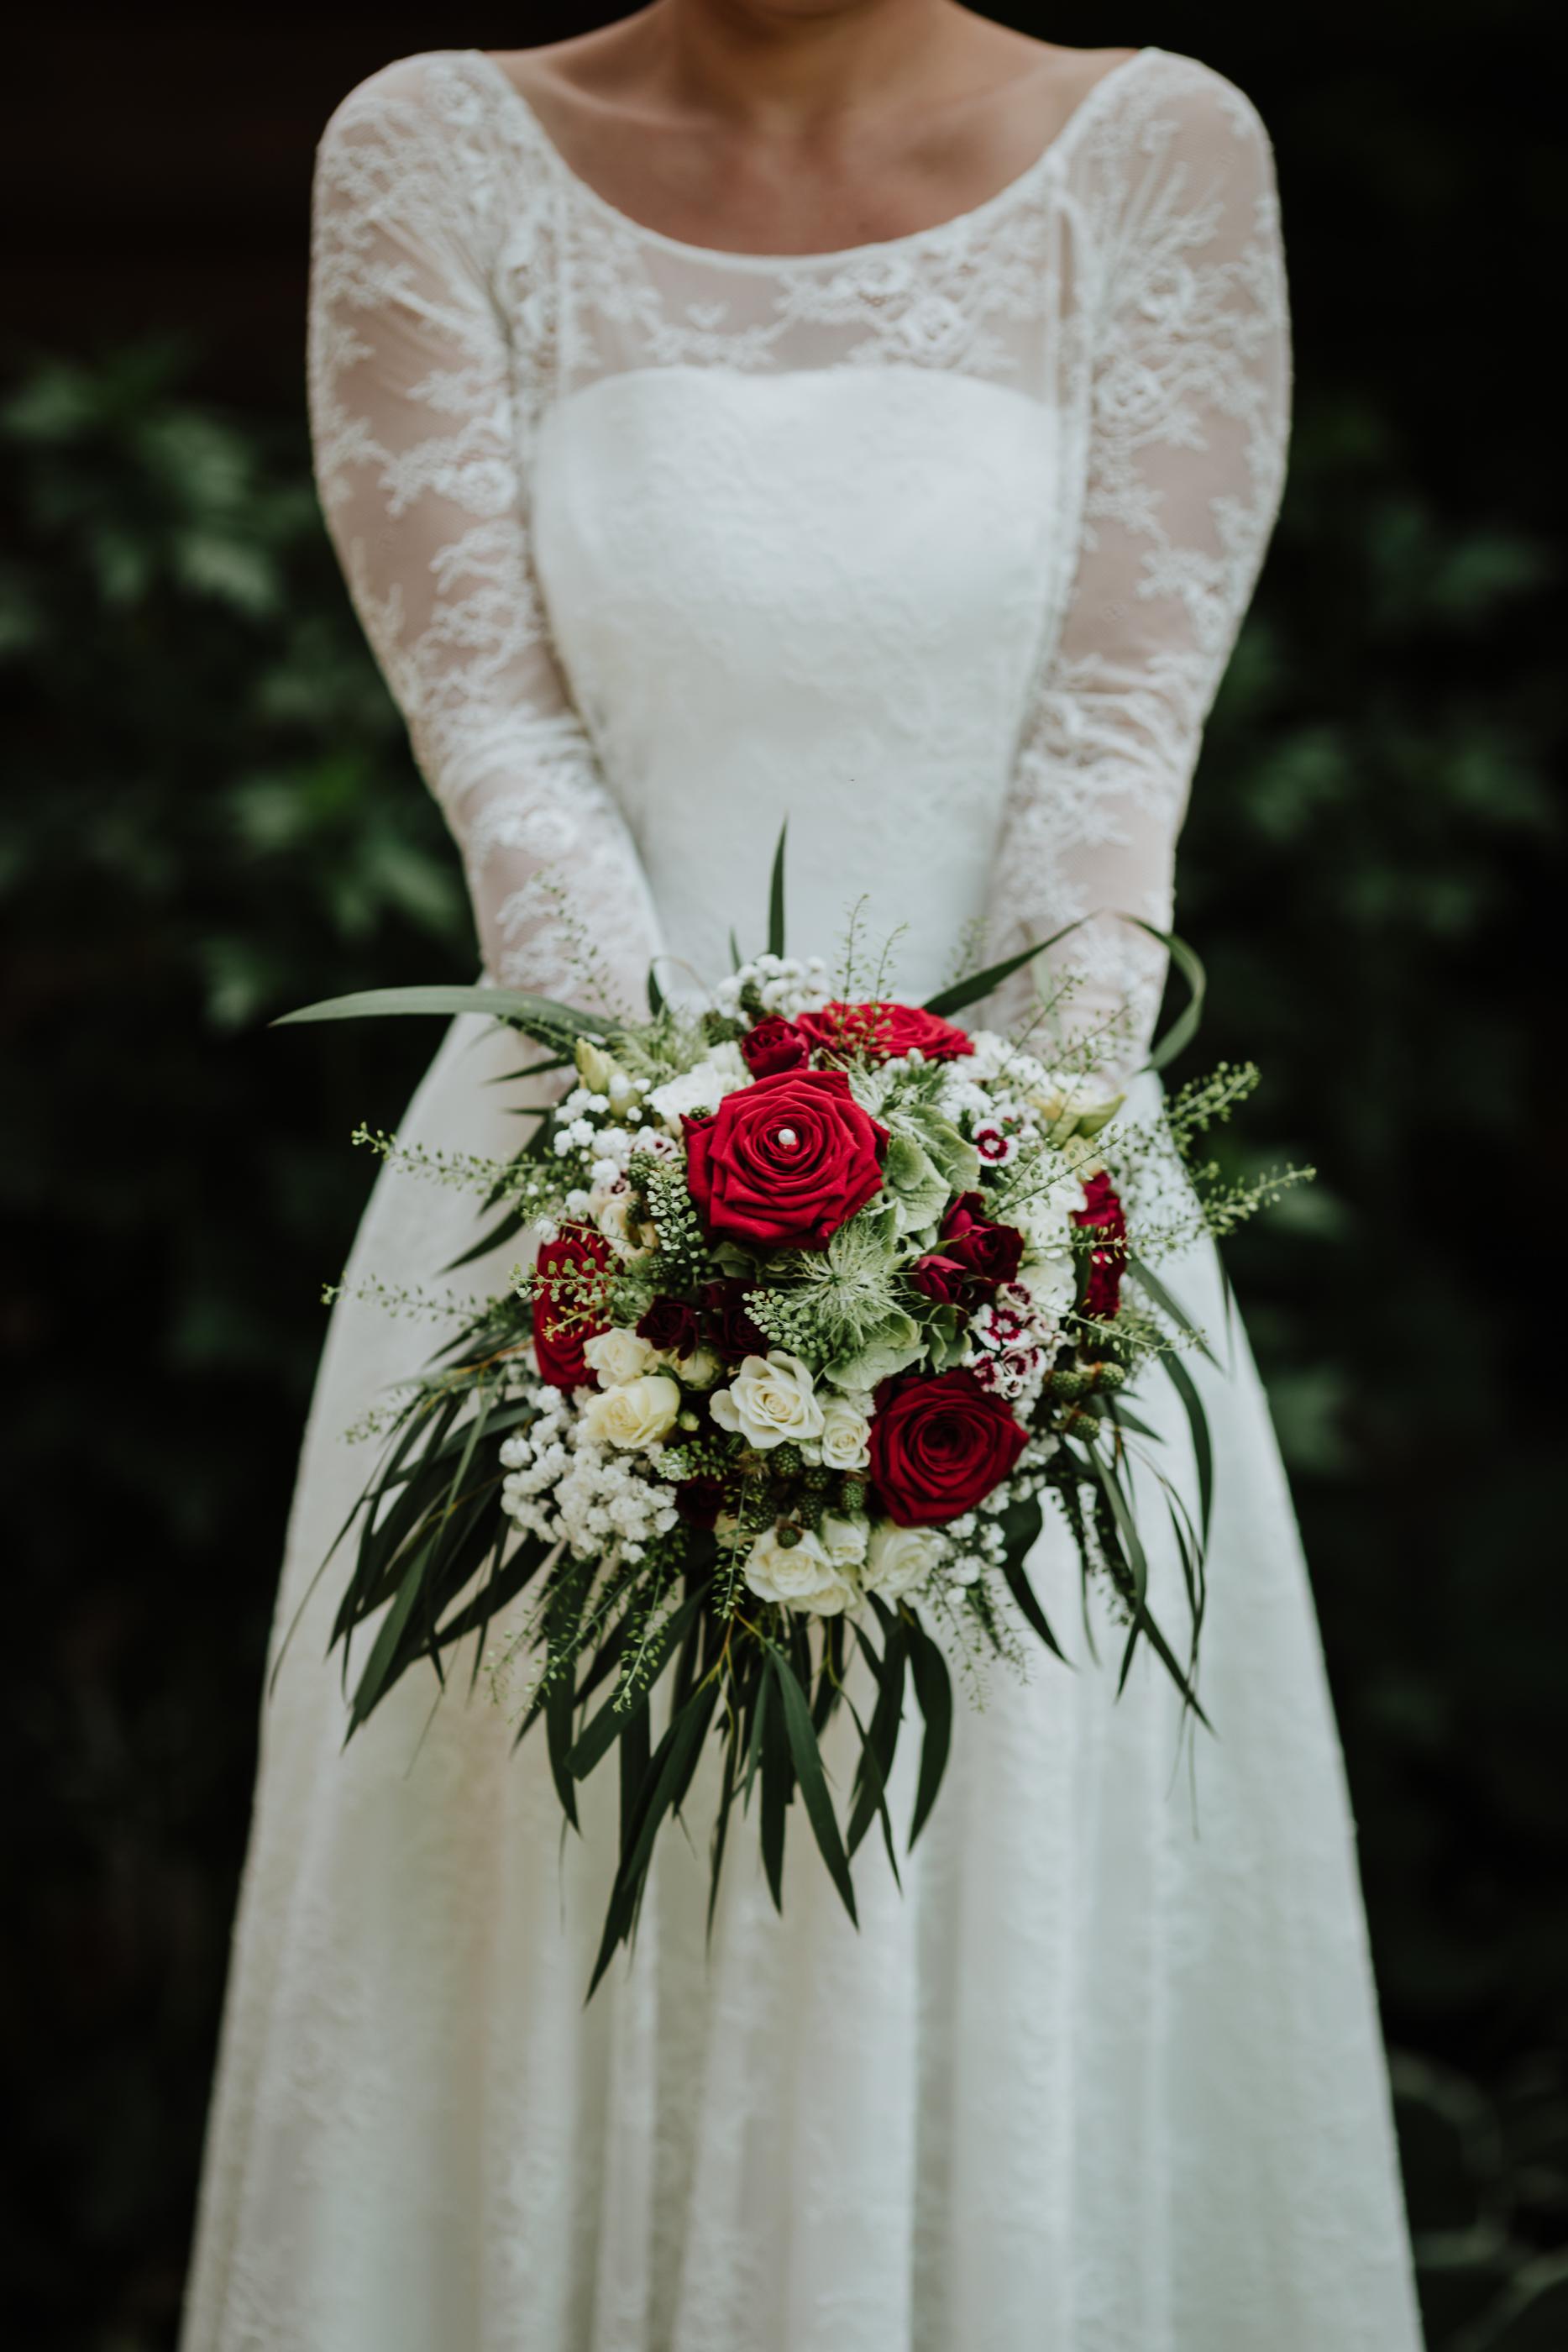 Hochzeit Reit im Winkl Braut